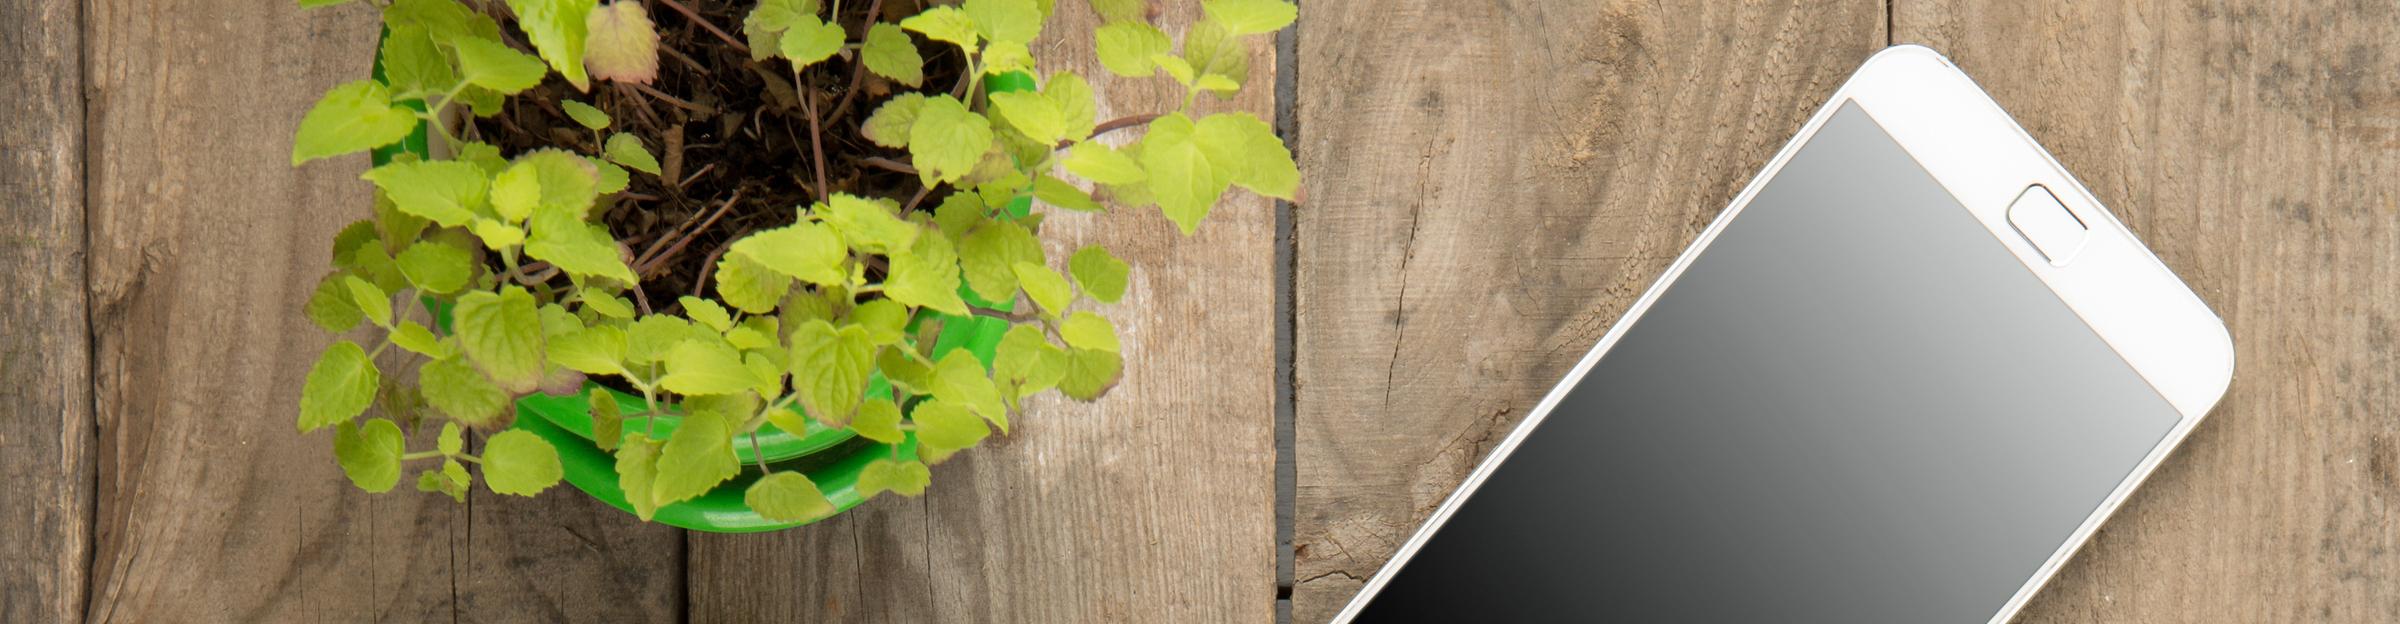 Smartphone auf einem Holztisch mit einer Kleepflanze